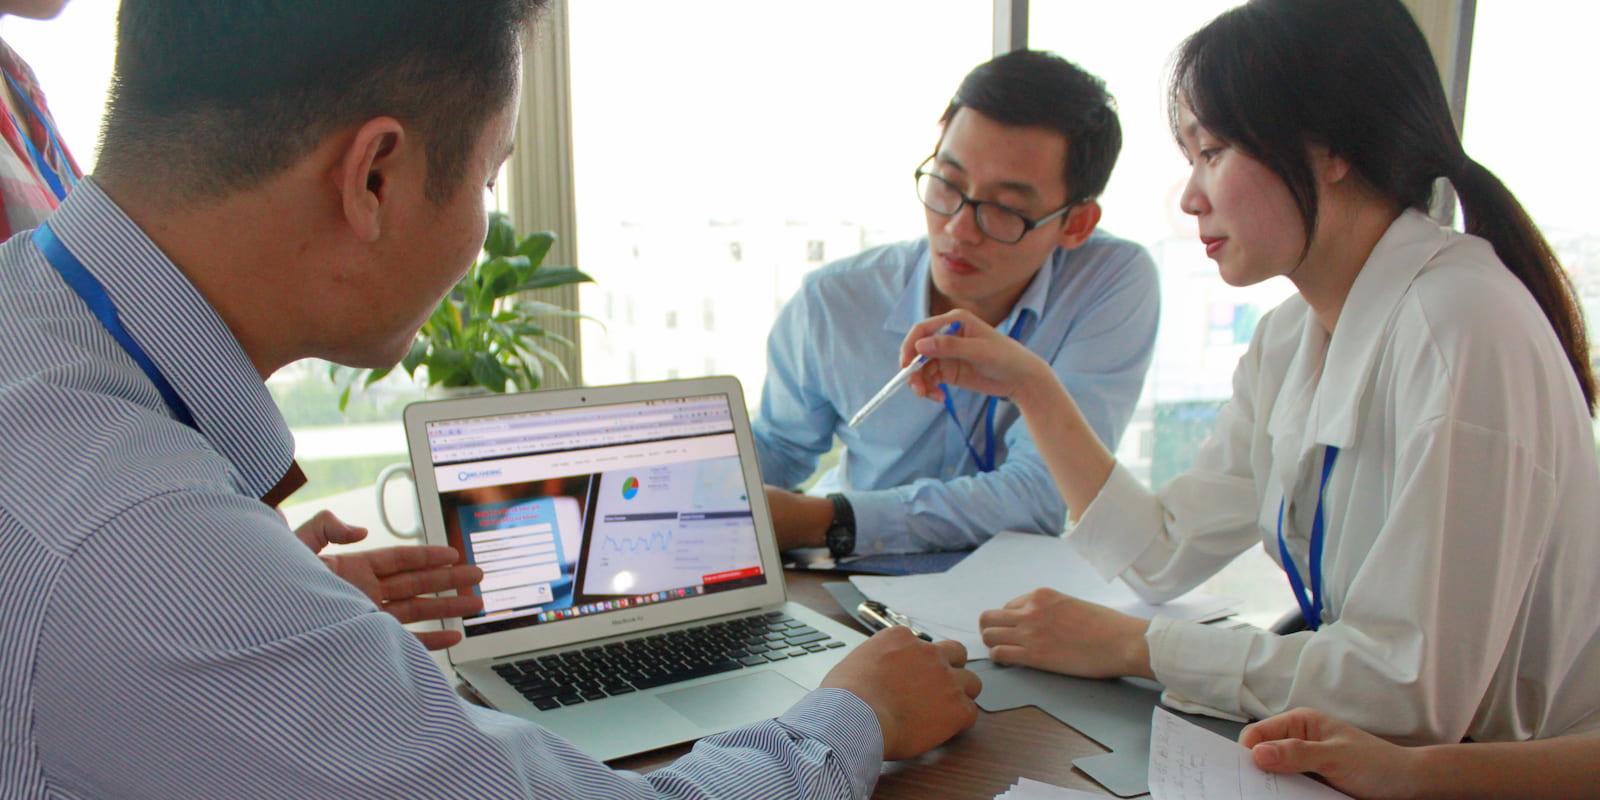 nhận tư vấn dịch vụ seo từ khóa giá rẻ gobranding